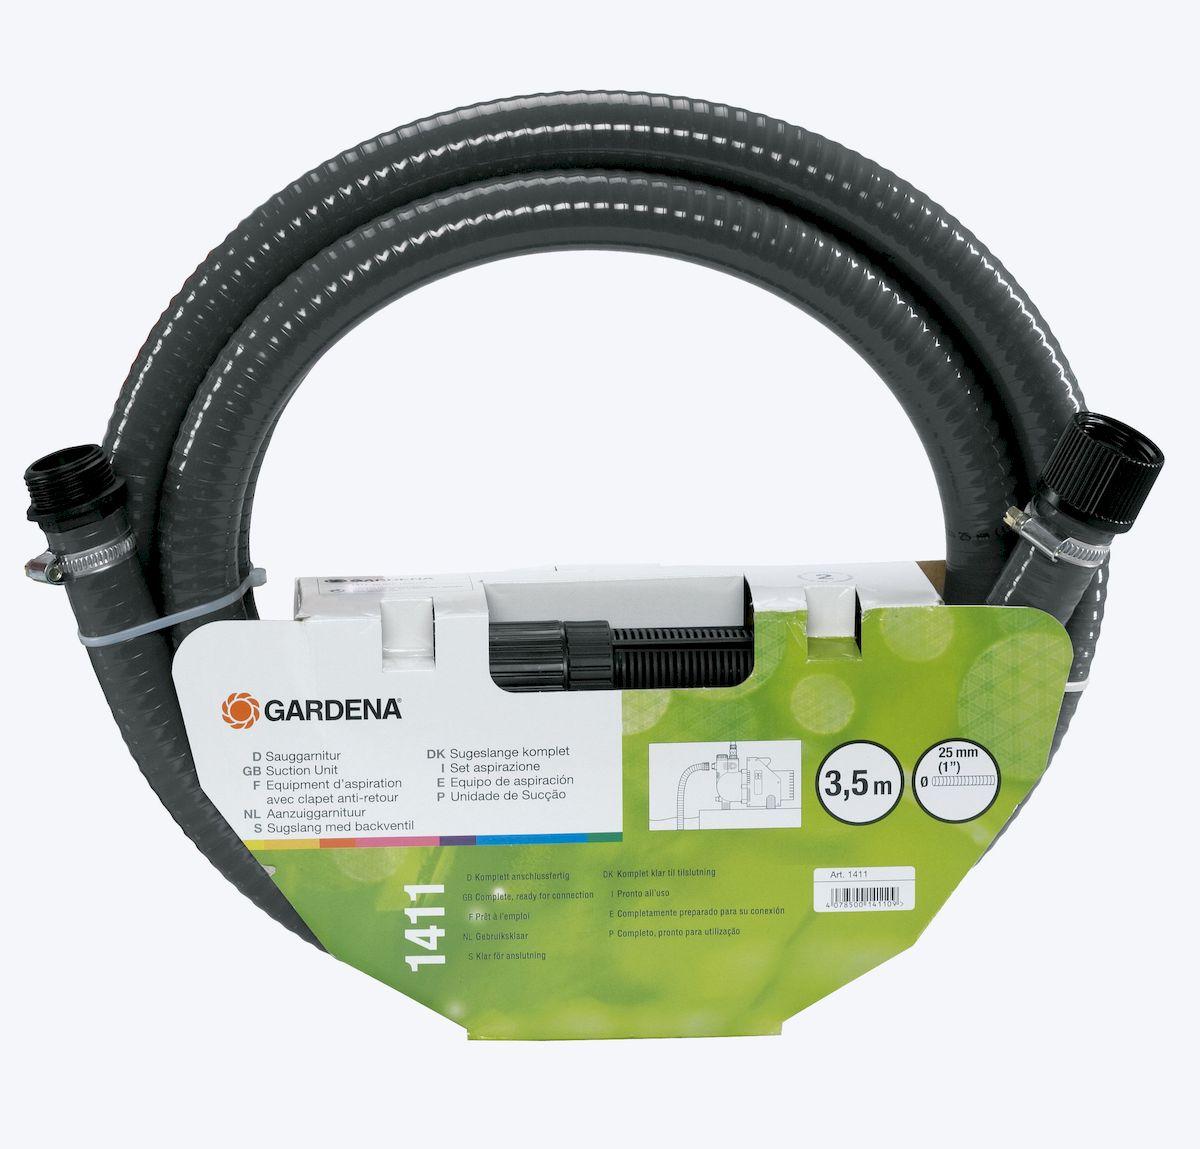 Шланг заборный с фильтром Gardena, 3,5 м01411-29.000.00Шланг заборный с фильтром Gardena вакуумоустойчивый спиральный армированный предназначен для подсоединения к насосу напрямую. Фильтр защищает насос от повреждения вследствие попадания загрязнений, а обратный клапан сокращает время всасывания насоса при повторном включении. Длина шланга 3,5 м; Диаметр 25 мм (1 дюйм); Подходит для насосов с наружной резьбой 33,3 мм (G 1).